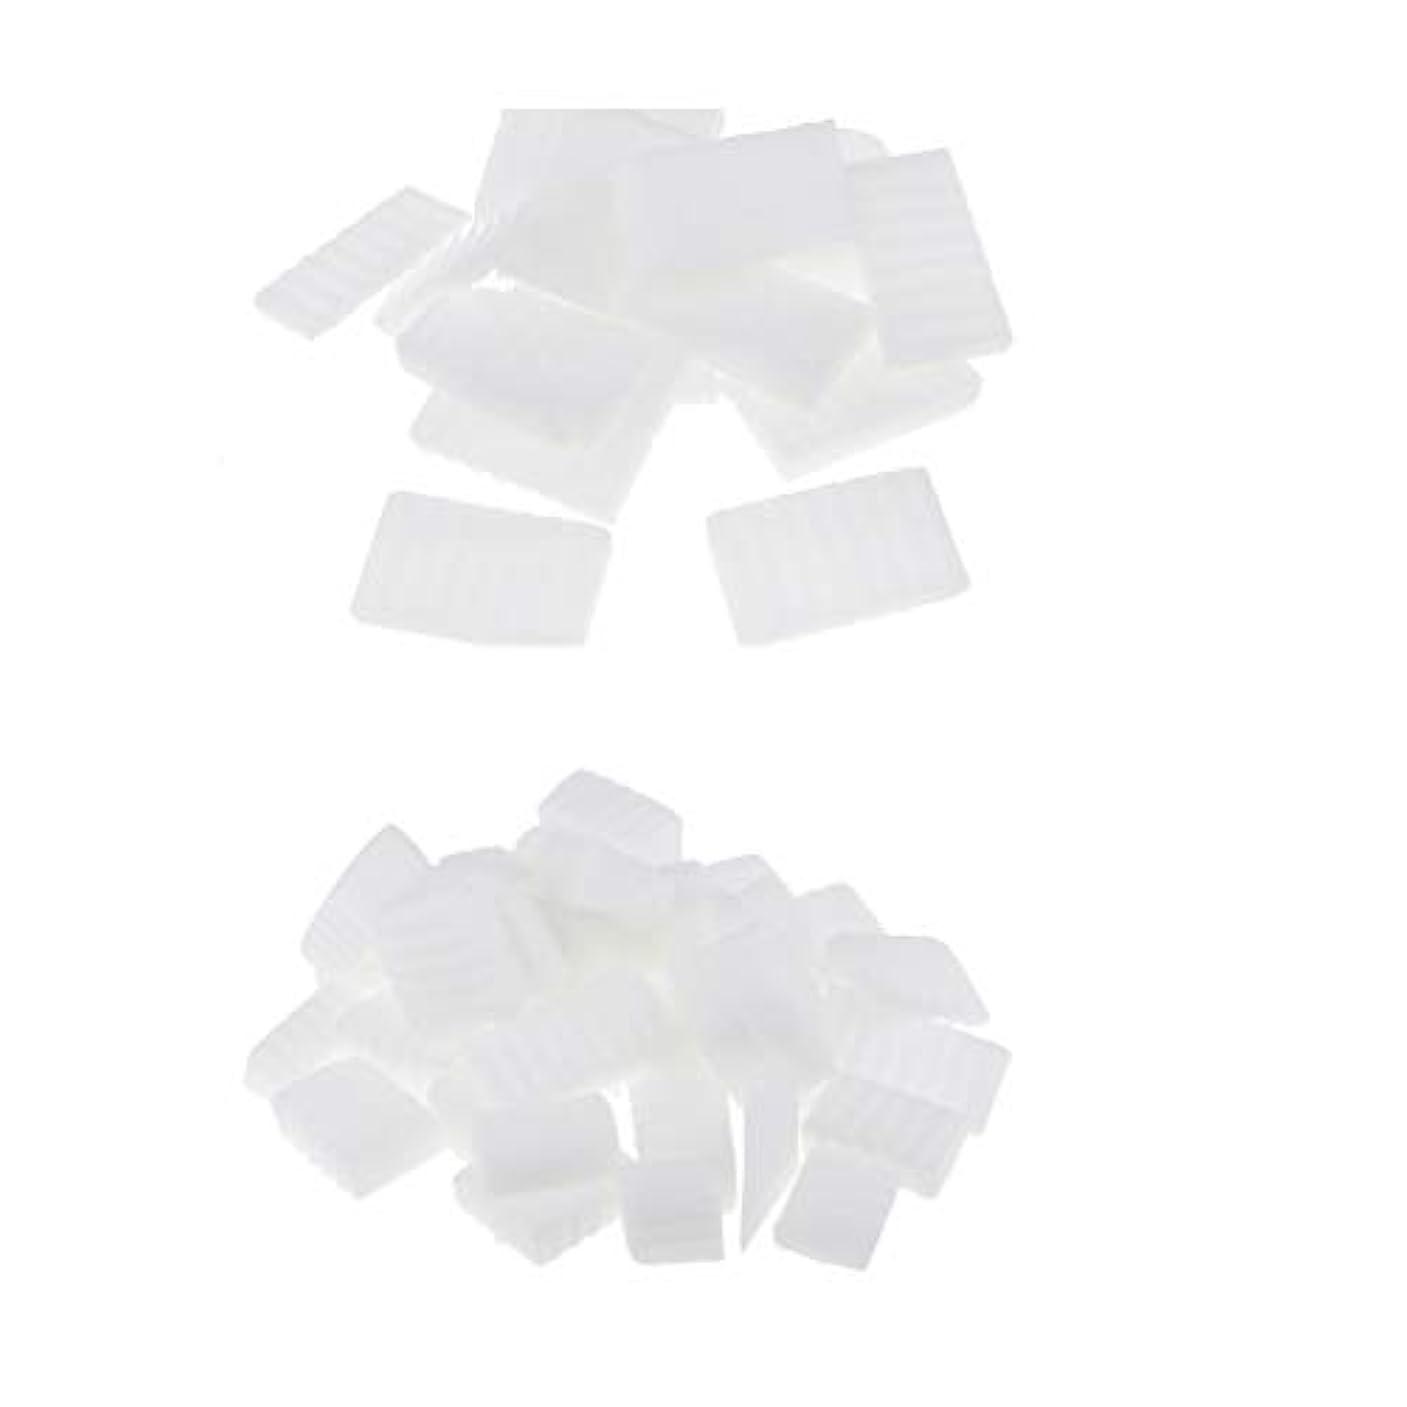 製作そっとマイルド石けん素地 石鹸原料 DIY 手作り 石けん用 石鹸用 豆乳石けん用 白い 1500g入り